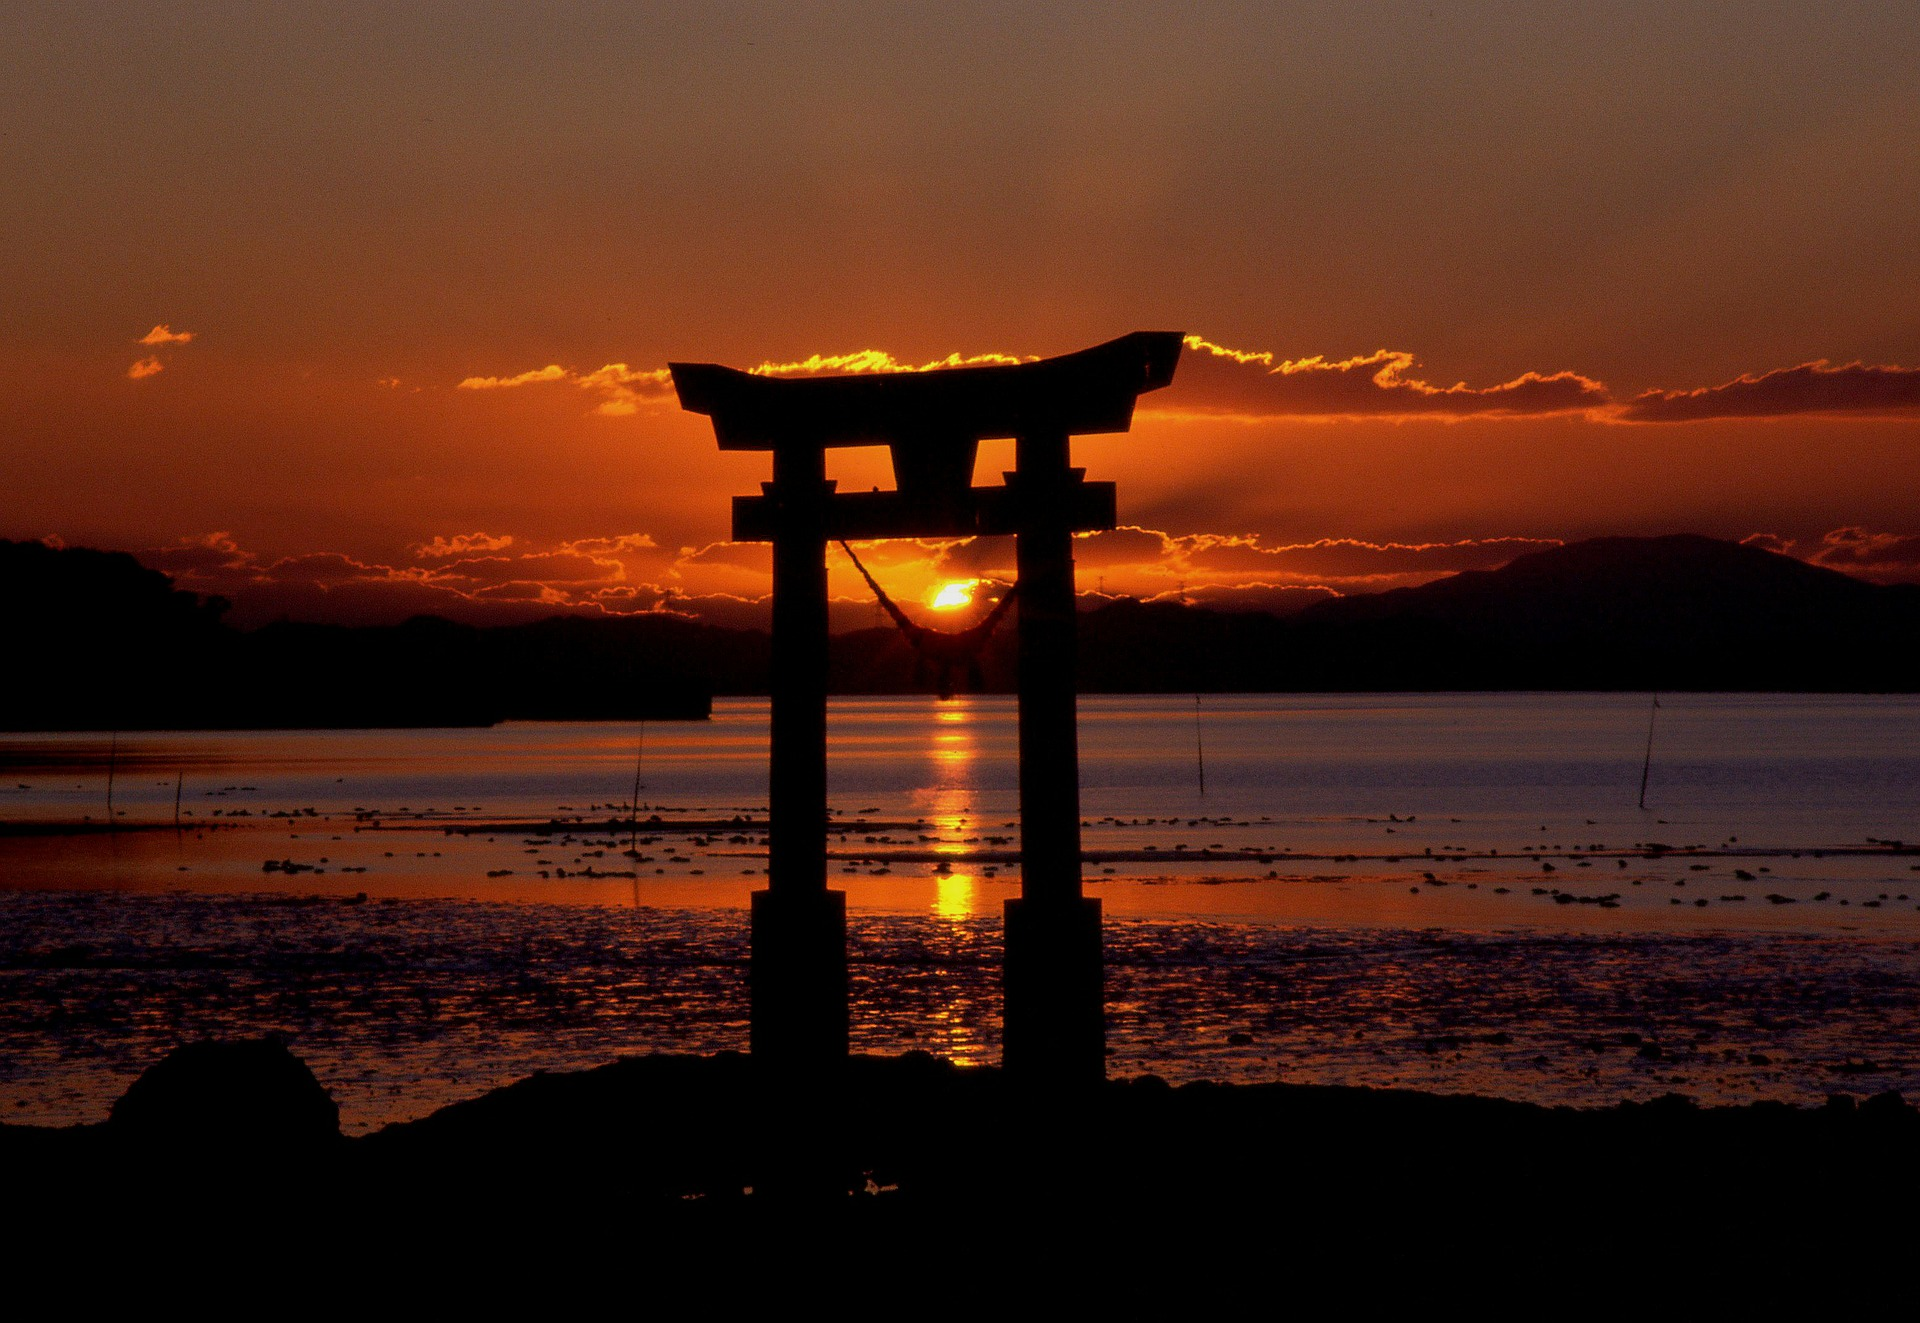 岩手県の早池峰神社の御朱印 と遠野の神楽について